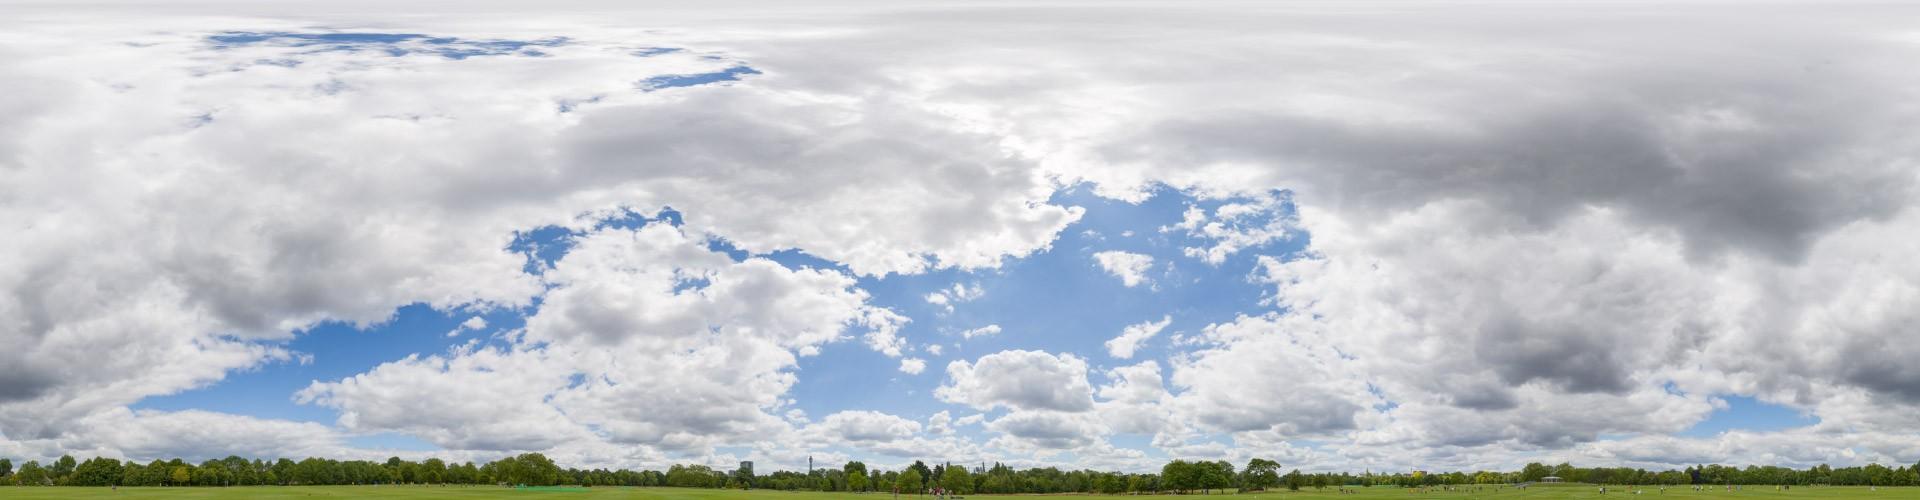 Cloudy sky 7586  (60k)